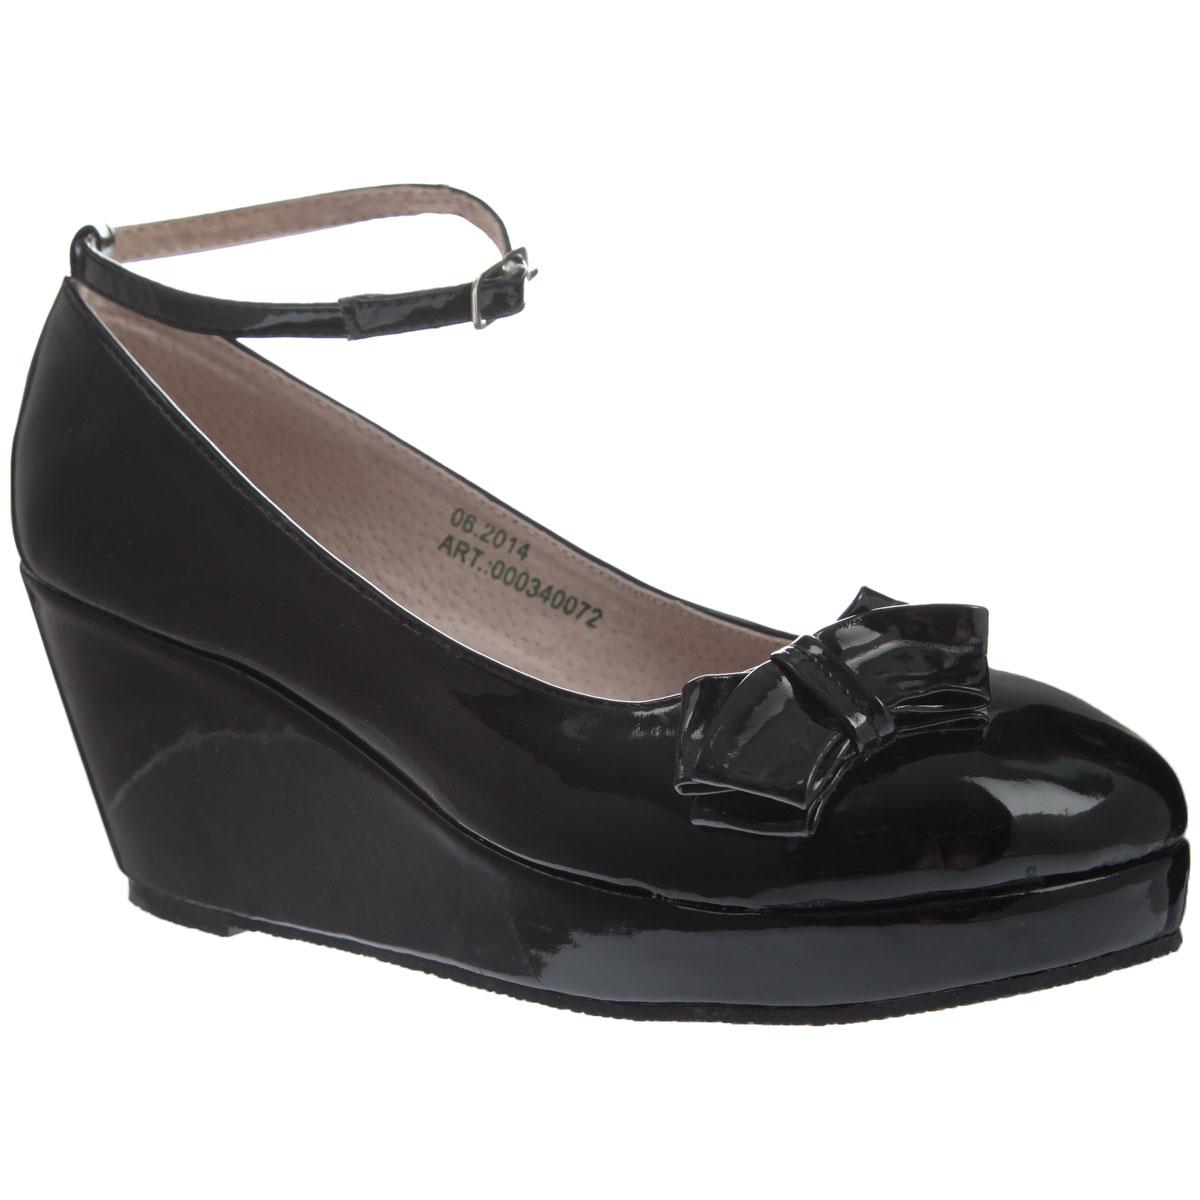 000340072Стильные модные туфли для девочки от торговой марки Аллигаша придутся по вкусу юным модницам. Модель выполнена из высококачественной искусственной лакированной кожи и украшена очаровательным бантиком с боку. Подклад и стелька выполнены из натуральной кожи. Изящный съемный ремешок позволяет использовать данную модель, как с ним, так и без него. Туфли на танкетке и не большой платформе очень комфортны и удобны в носке. Эти туфли созданы для стильных юных модниц!